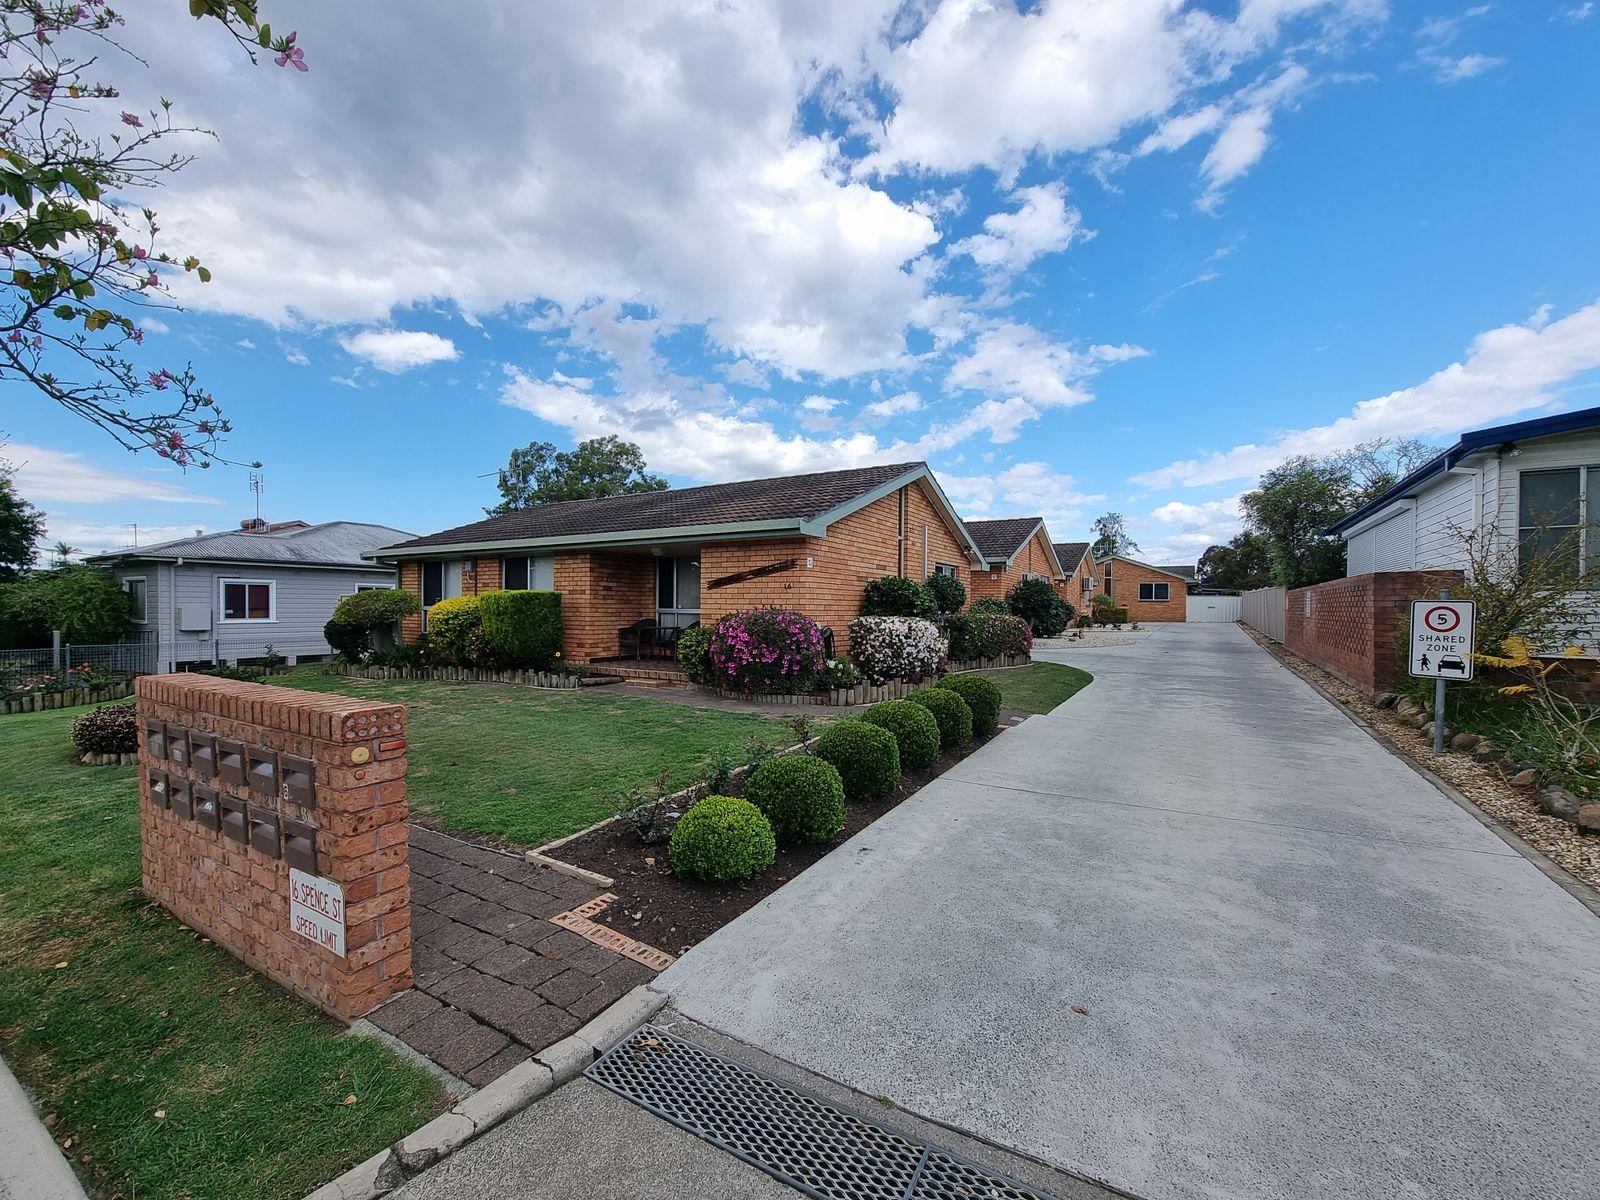 9/16 Spence Street, Taree, NSW 2430